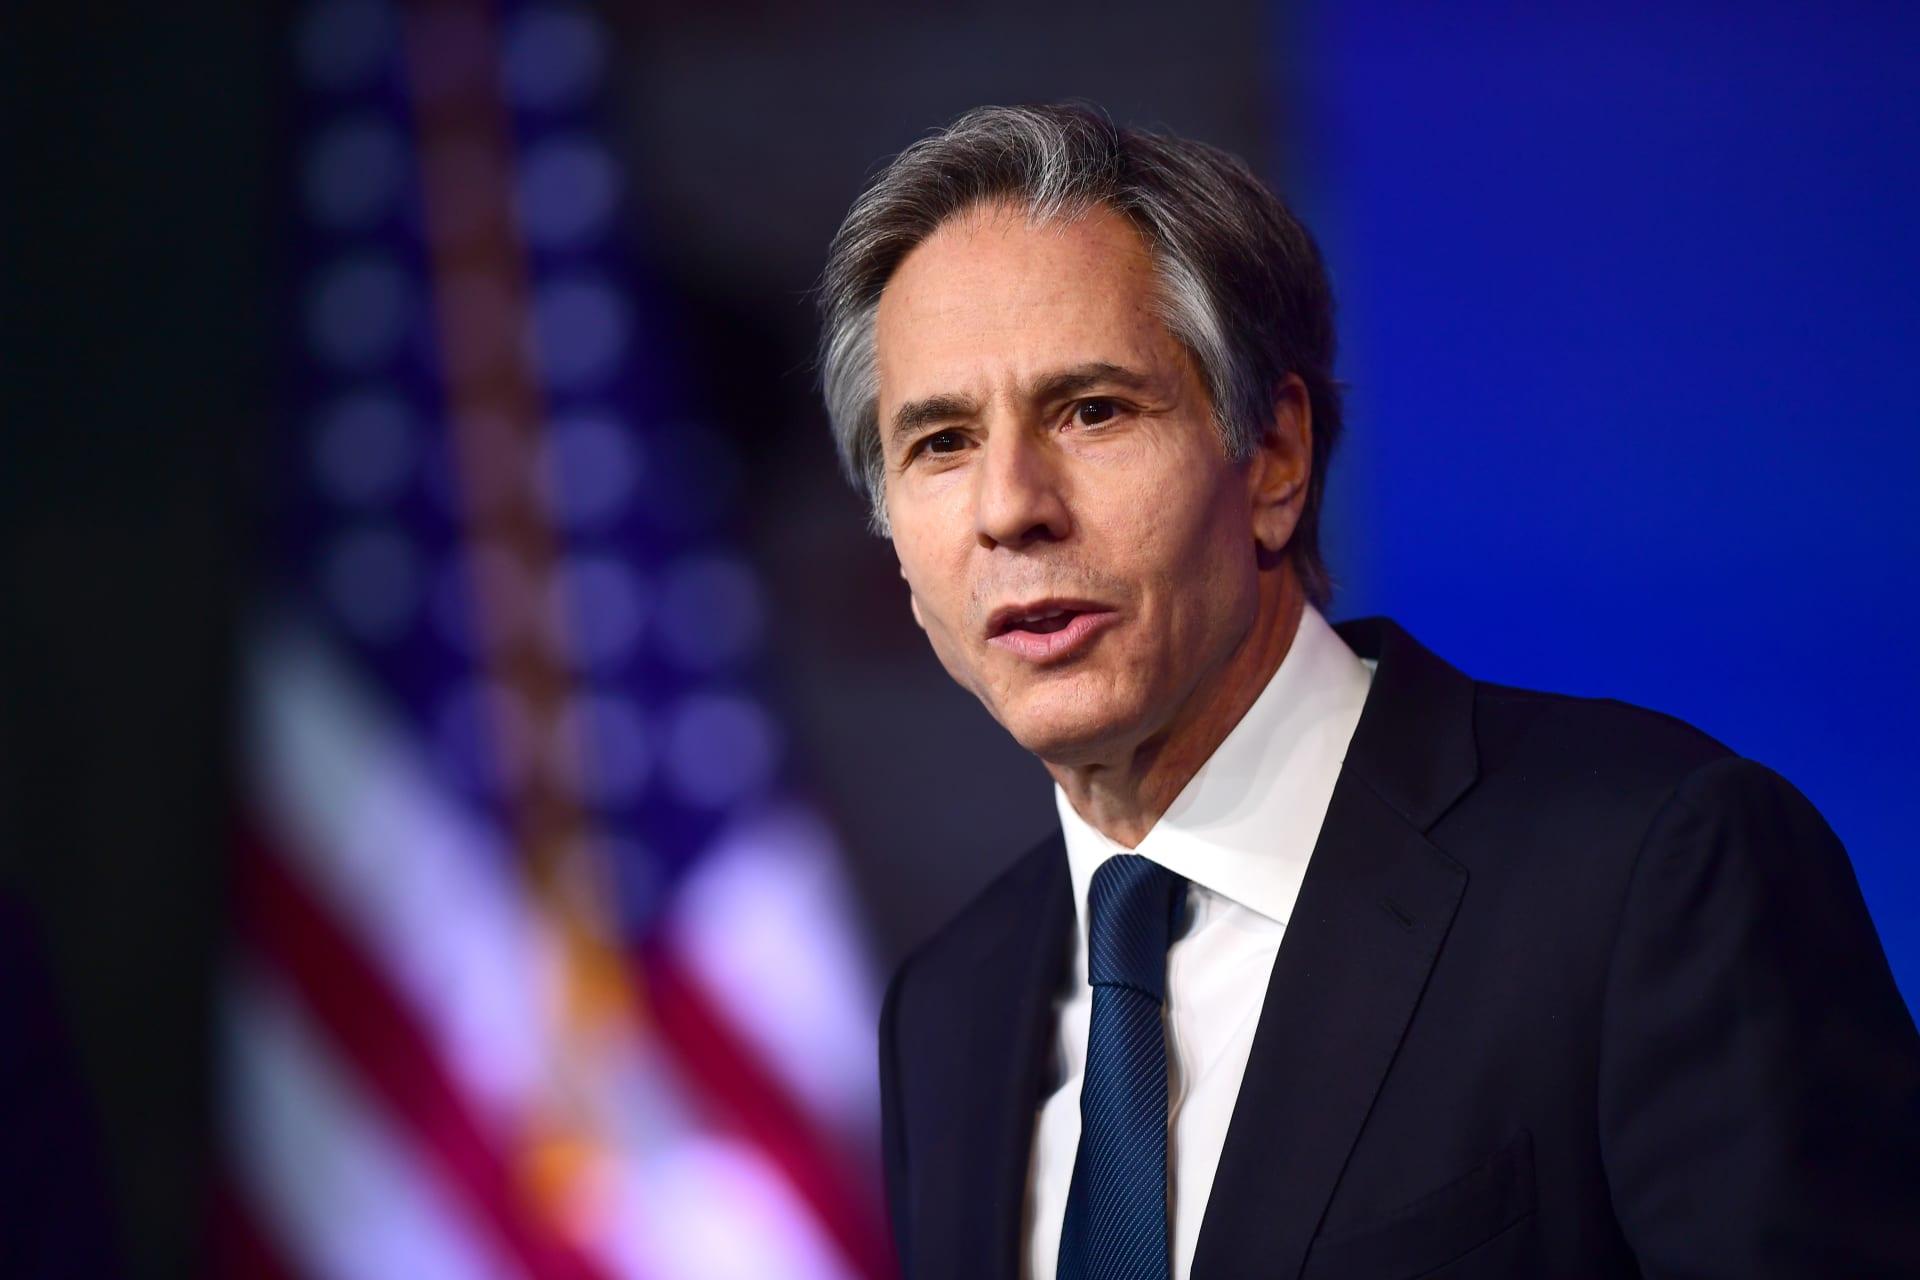 وزير الخارجية الأمريكي انتوني بلينكن